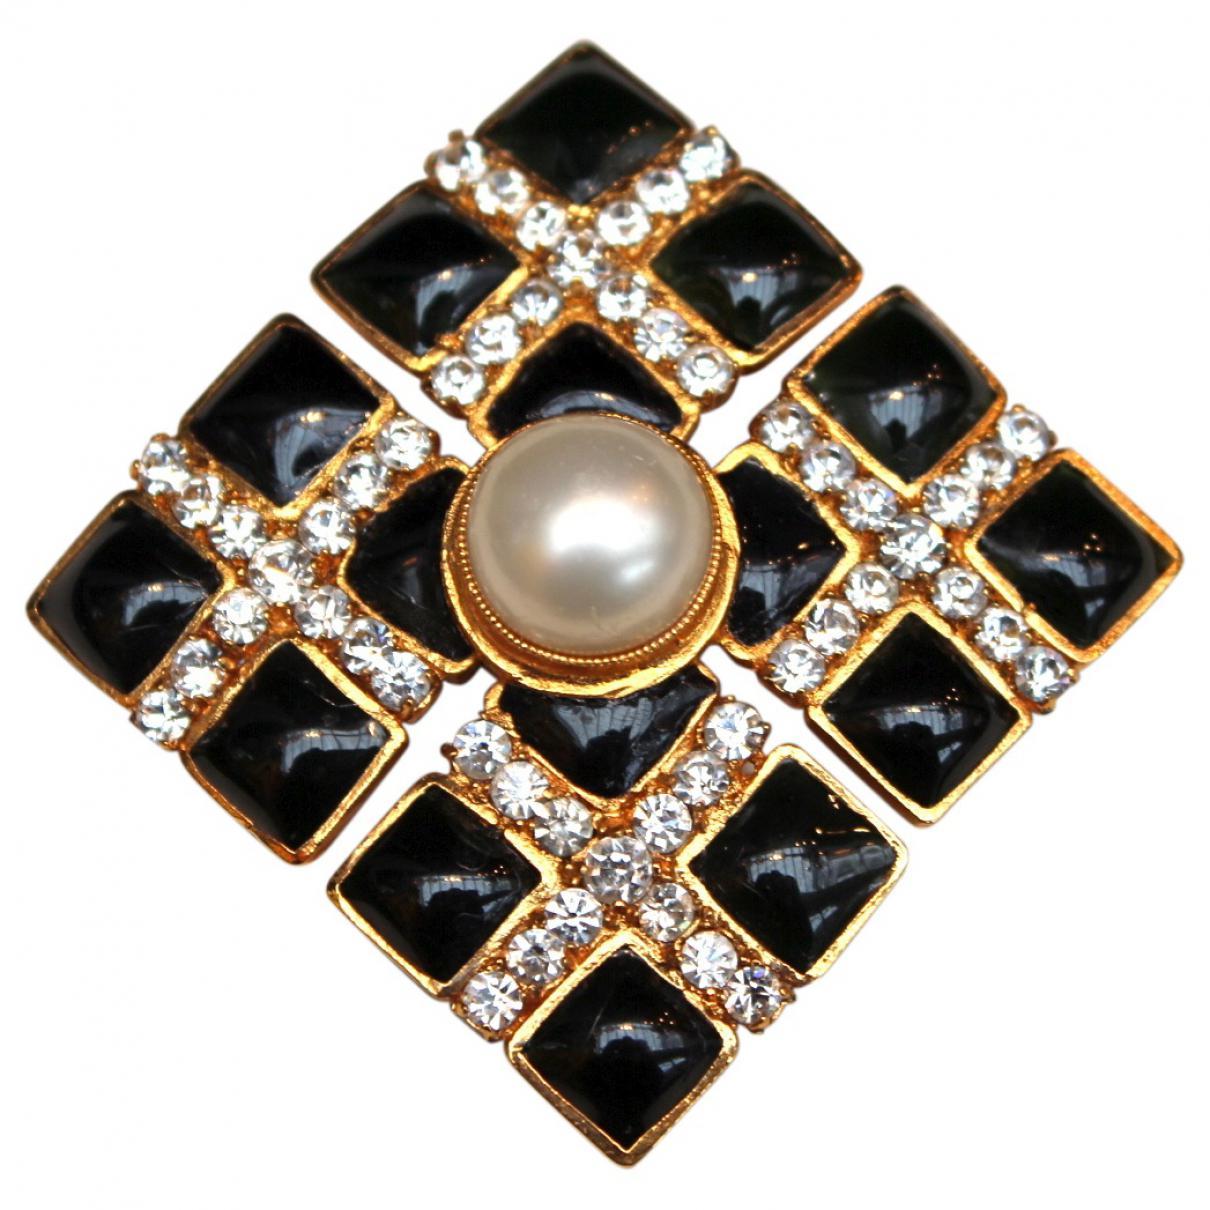 Lyst - Chanel Brooch in Black e55d1f5247e